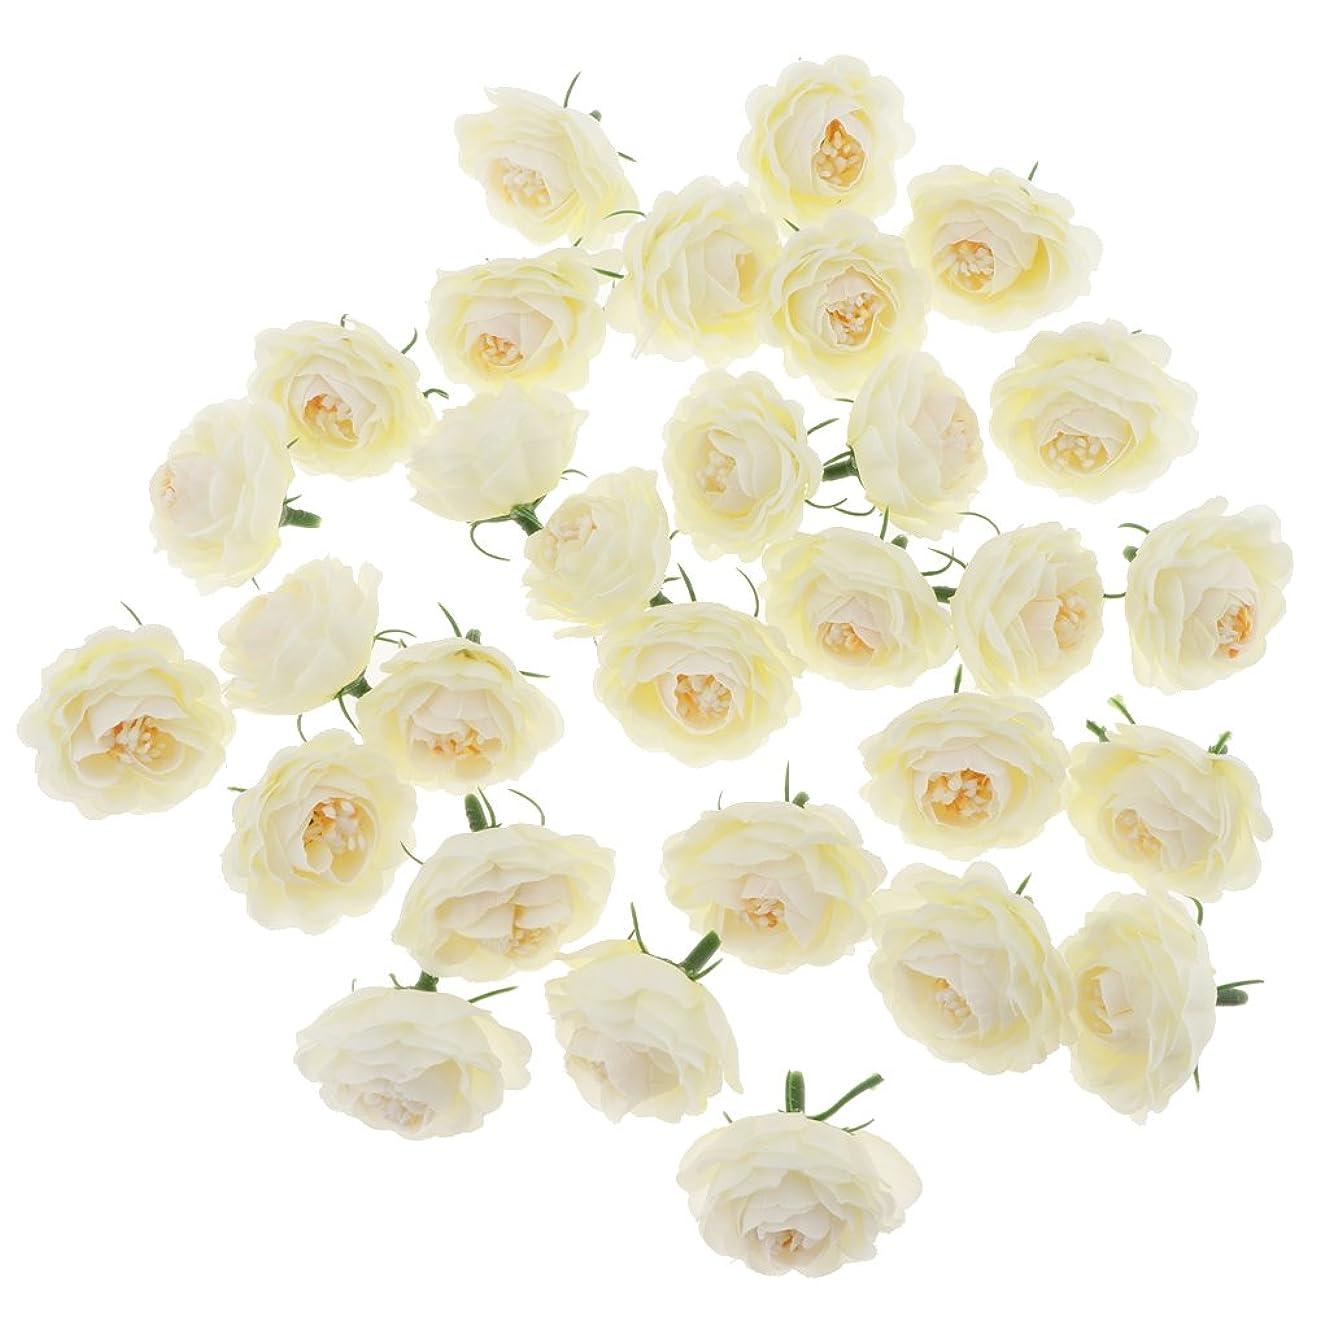 鏡欠かせないメナジェリー美しい 人工椿花の頭 DIY 工芸品 装飾 30個 多目的 装飾花 多色選べる - クリーム